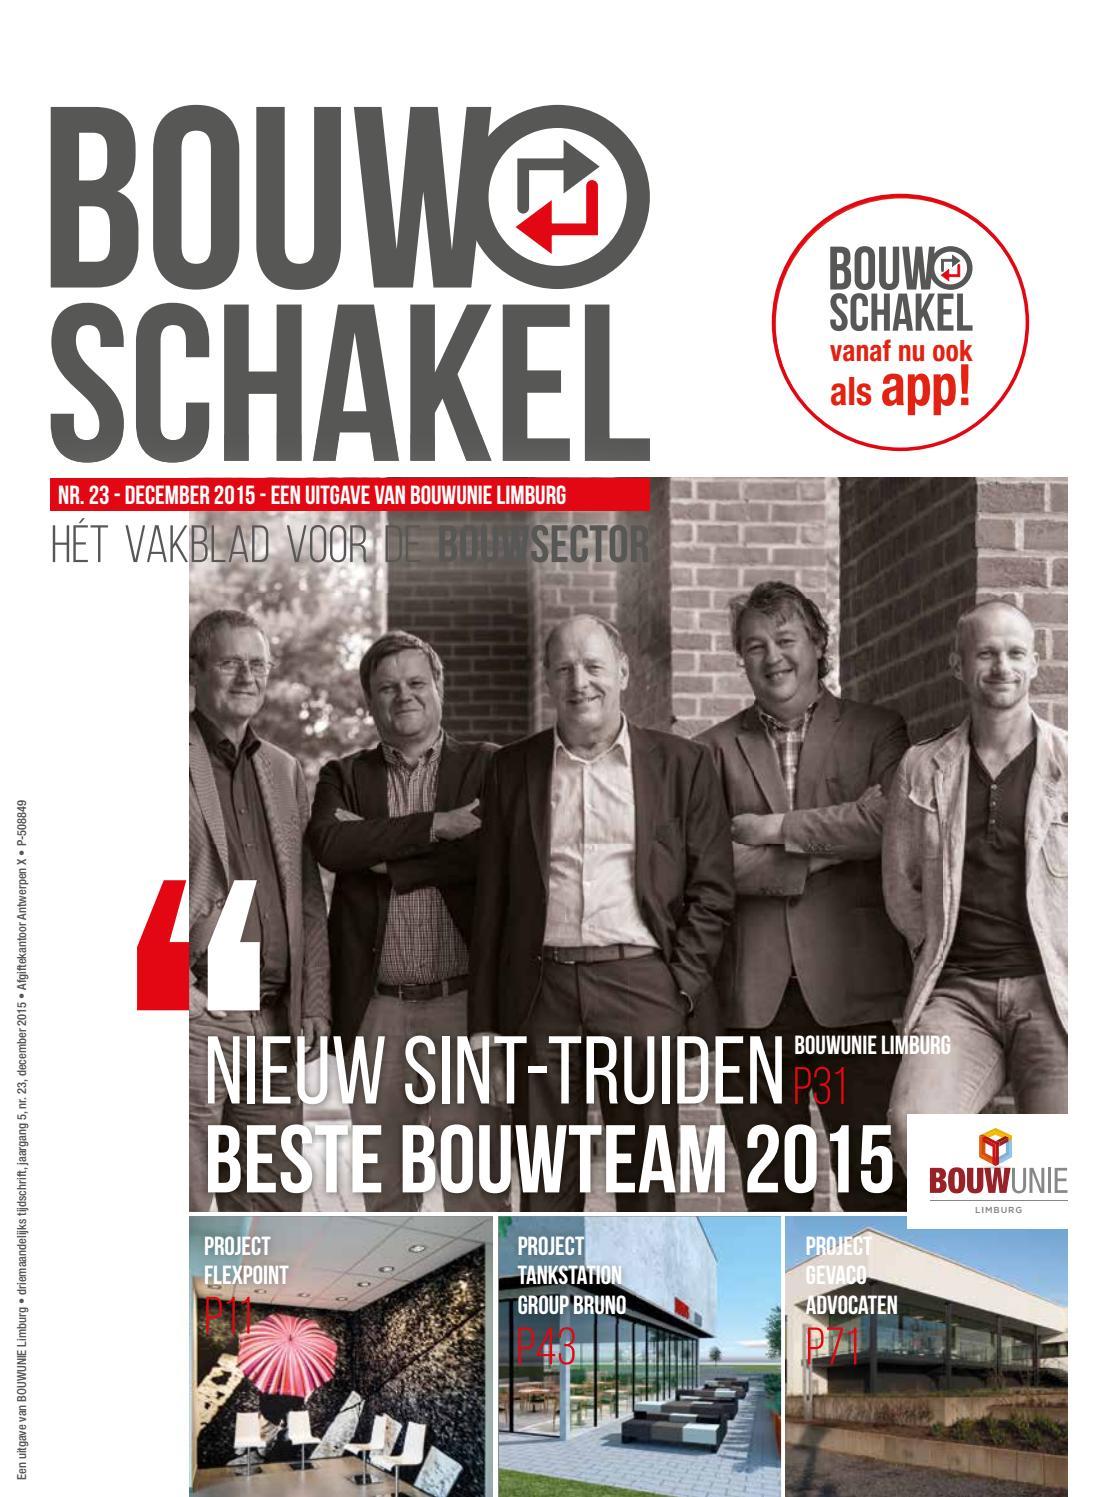 Bouwschakel december 2015 by davy maesen   issuu